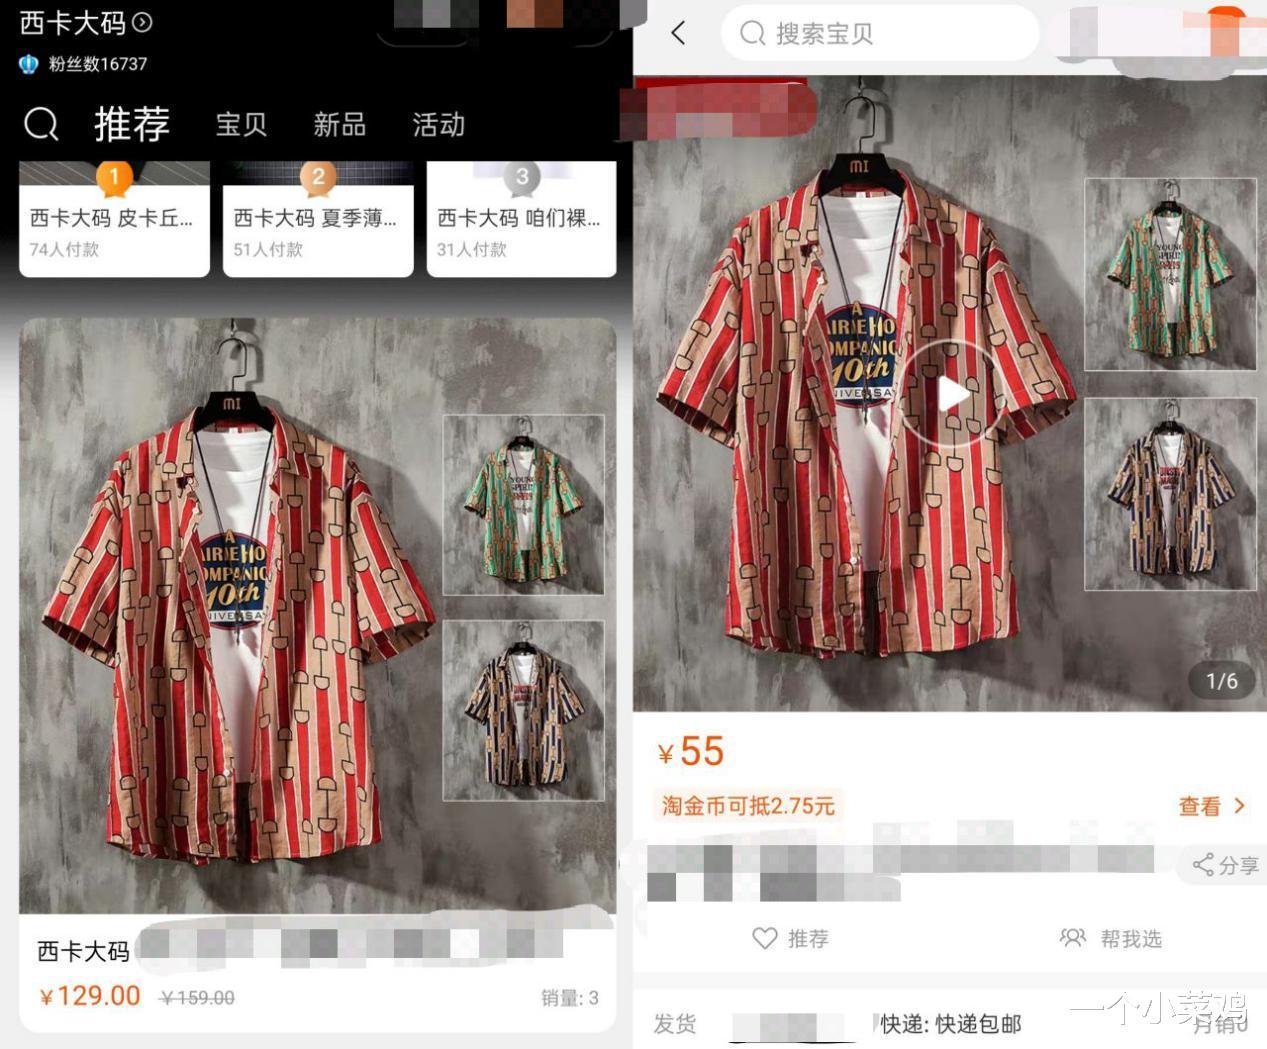 《【煜星娱乐平台首页】LOL德云色再出事故,29一件的衣服他敢卖129,把粉丝当猪宰》